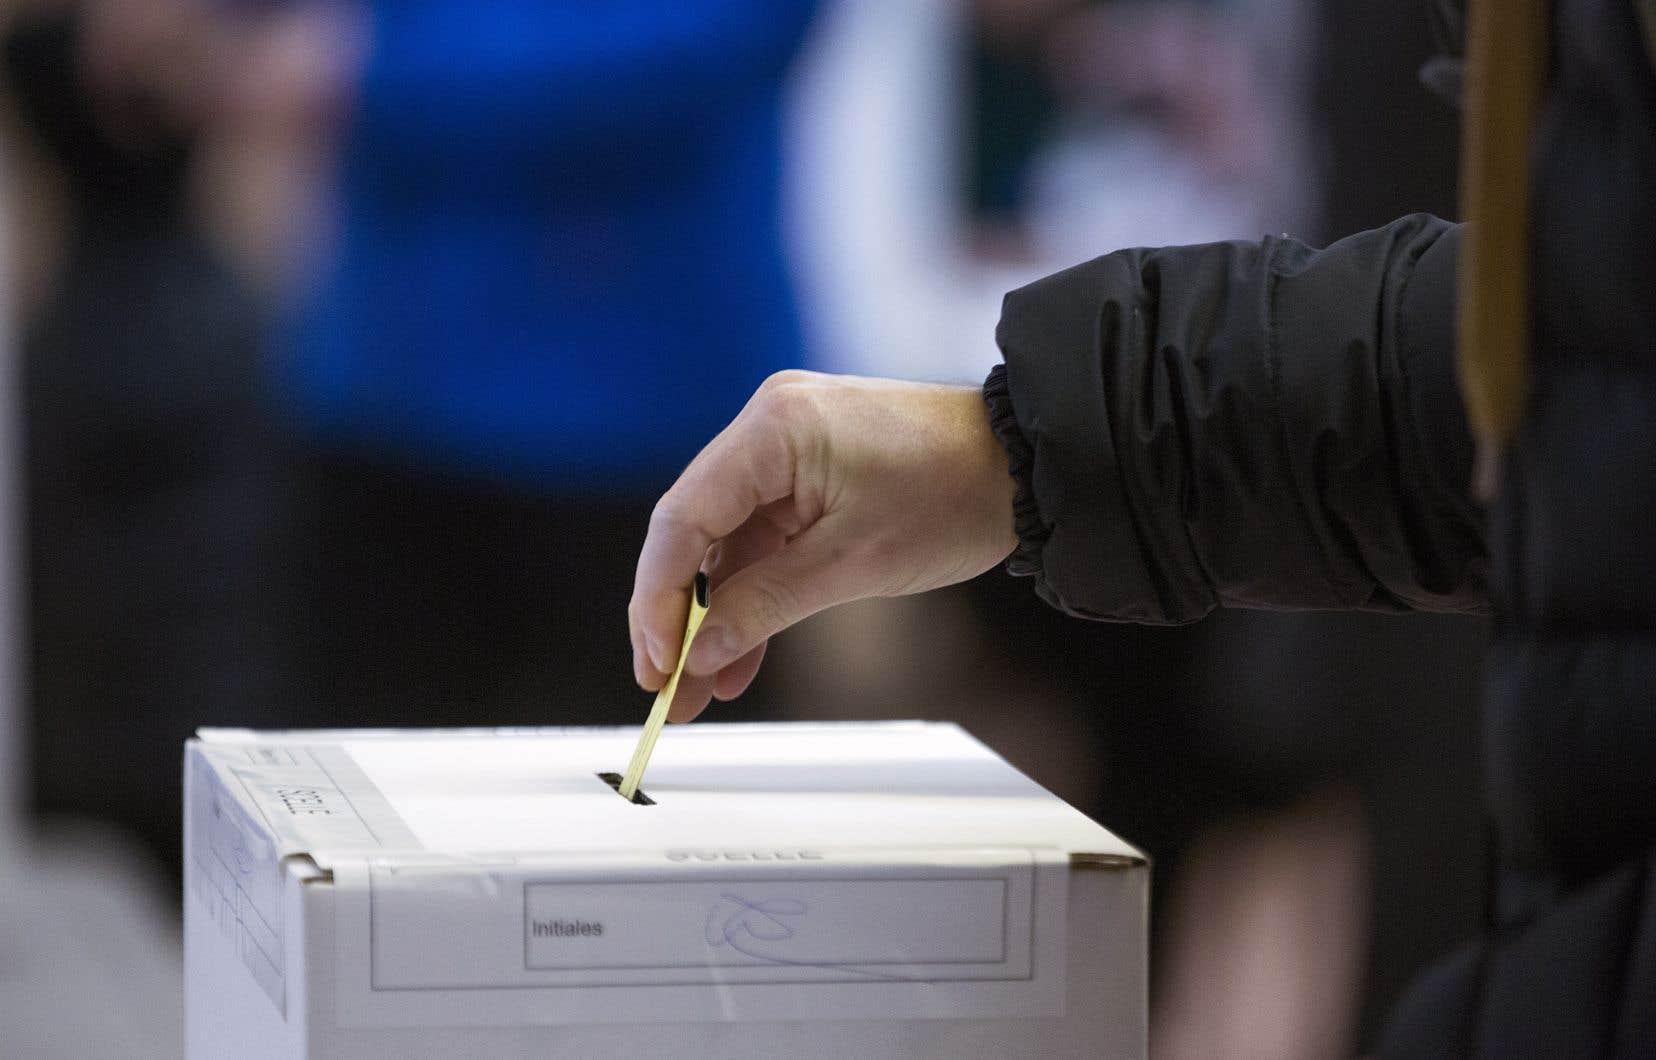 La FTQ demande par exemple l'adoption d'un nouveau mode de scrutin mixte proportionnel — qui représenterait mieux les différentes tendances et les différents groupes qui composent le Québec d'aujourd'hui.